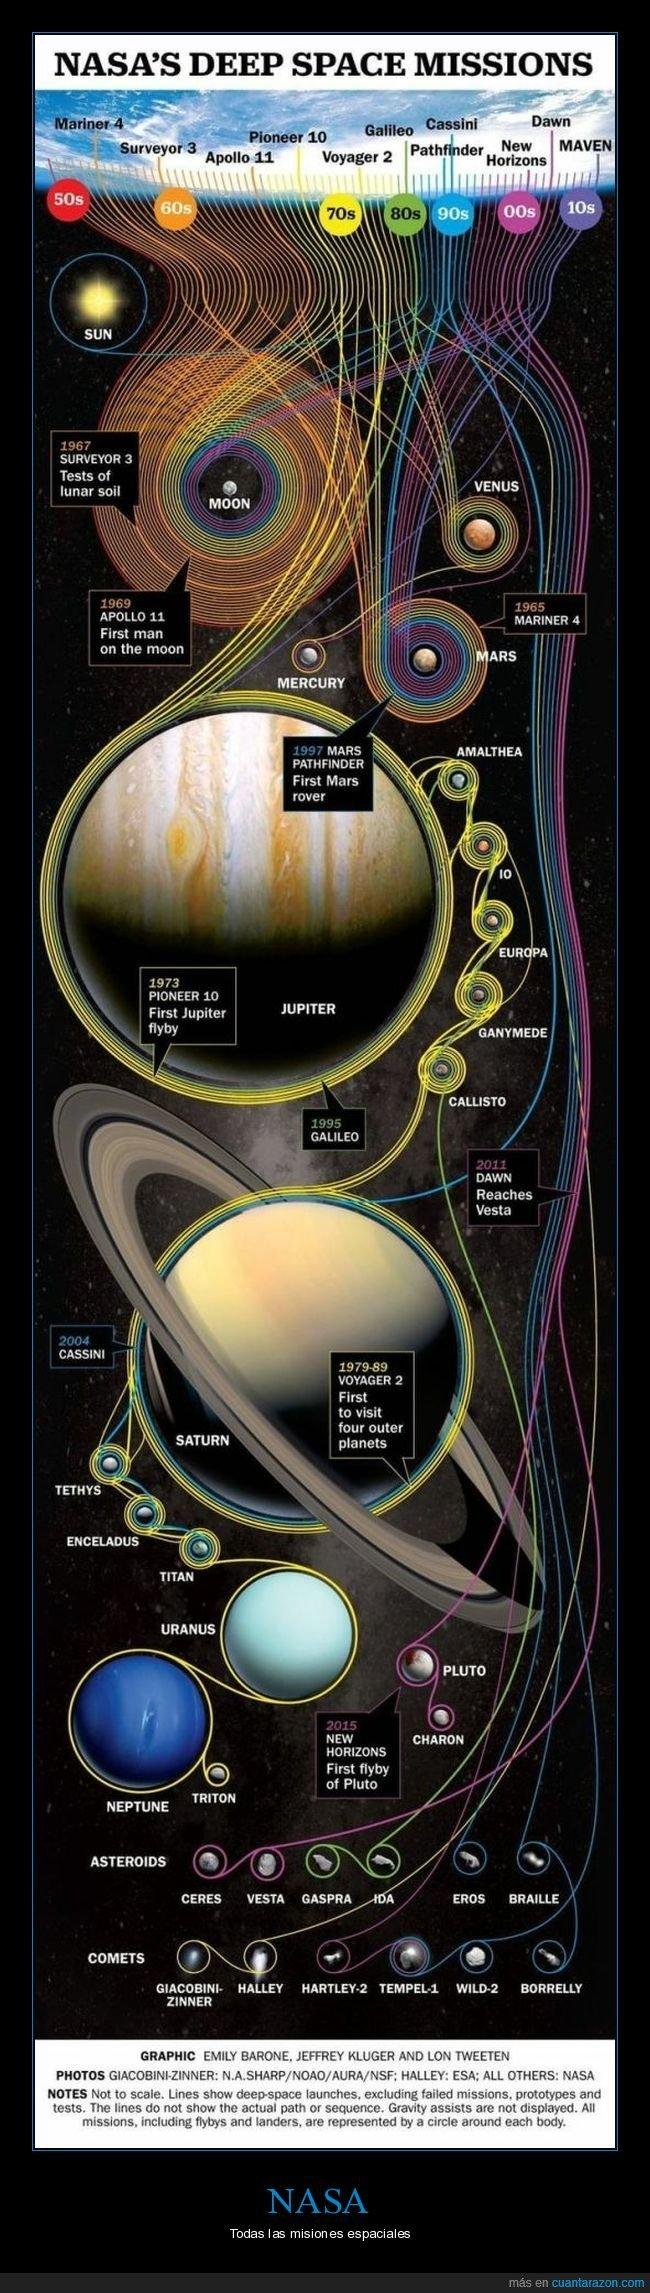 espacio,misiones,nasa